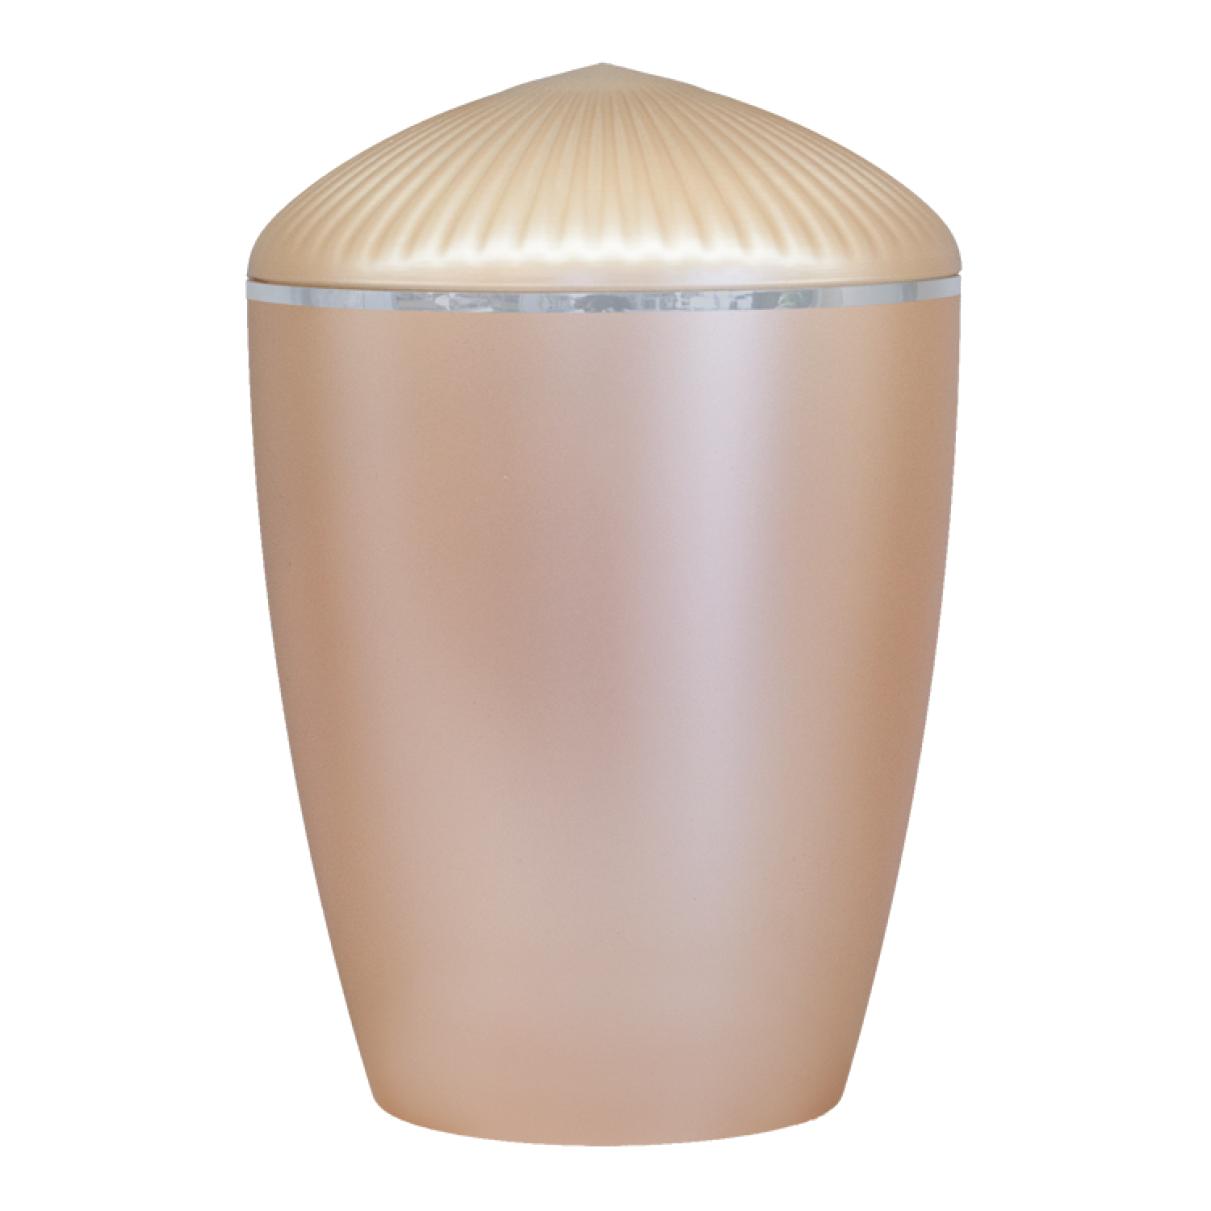 Ferndown Silver Band Cremation Urn – Beige